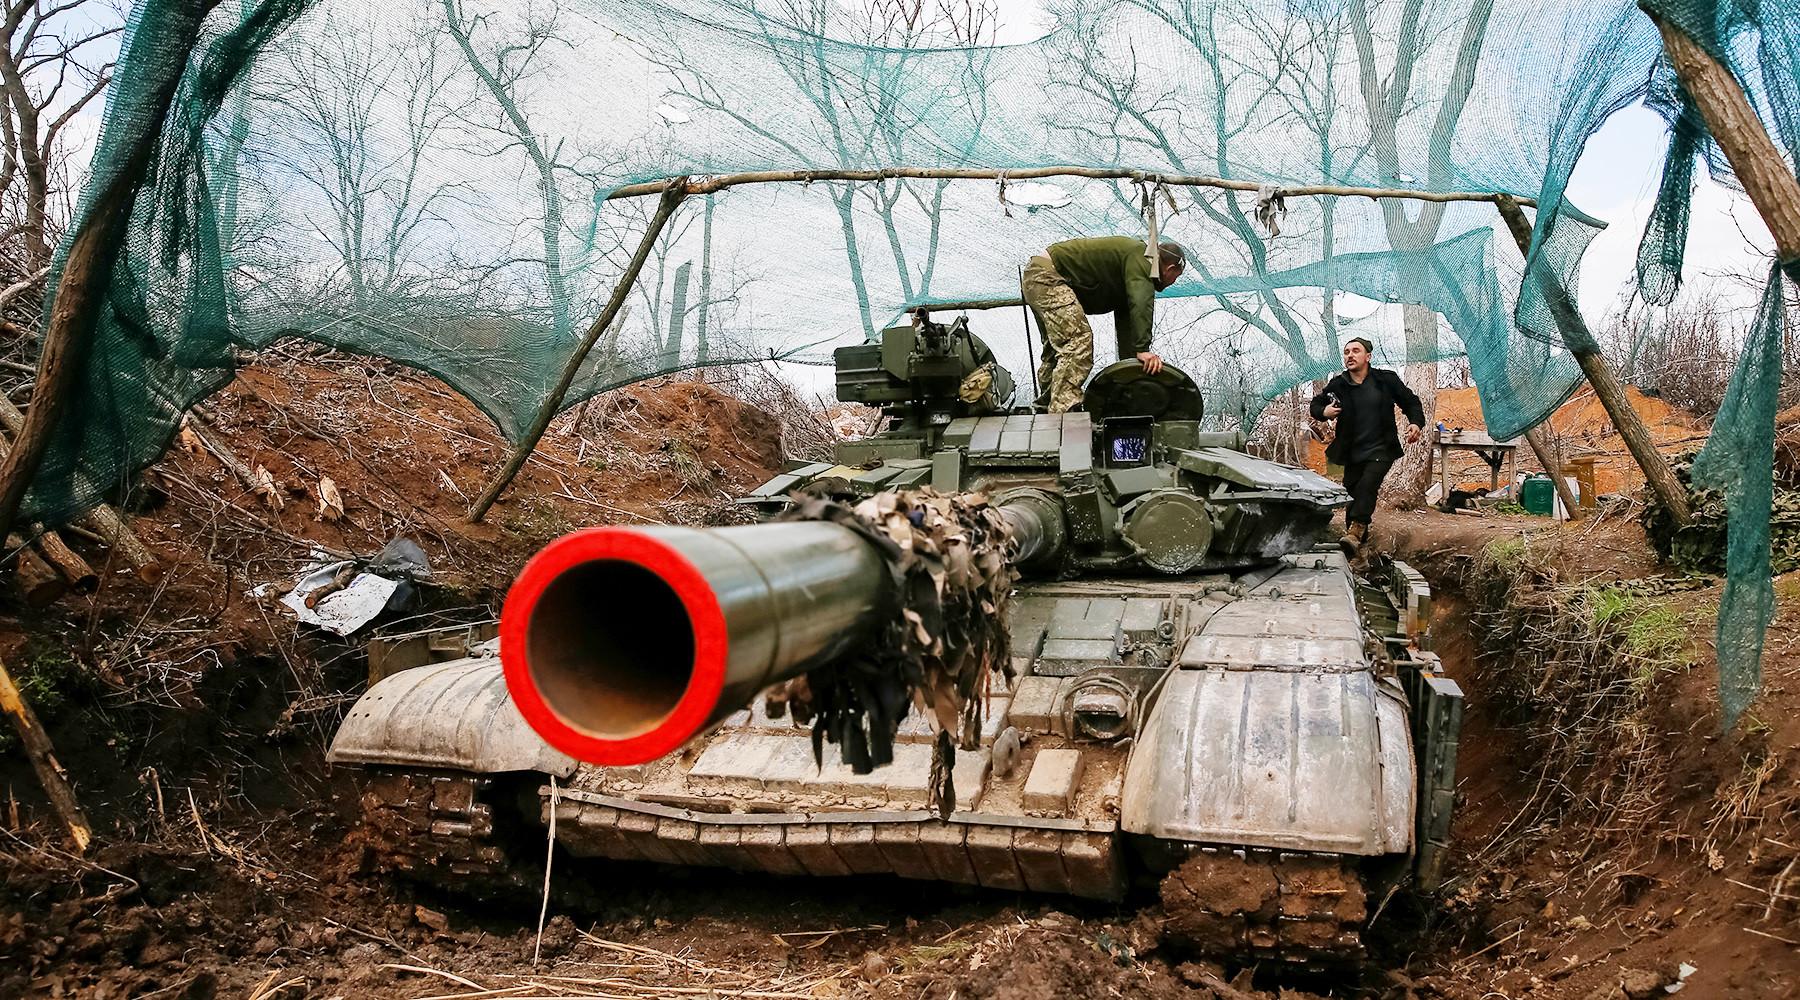 В ДНР рассказали, насколько ВСУ превосходят ополчение Донбасса только, Украины, примерно, навыки, готовы, Однако, бывший, действовать, Донбасса, ополчение, сейчас, превосходит, боеприпасов, ополченцев, время, плане, украинских, назад, мотивация, повысилась